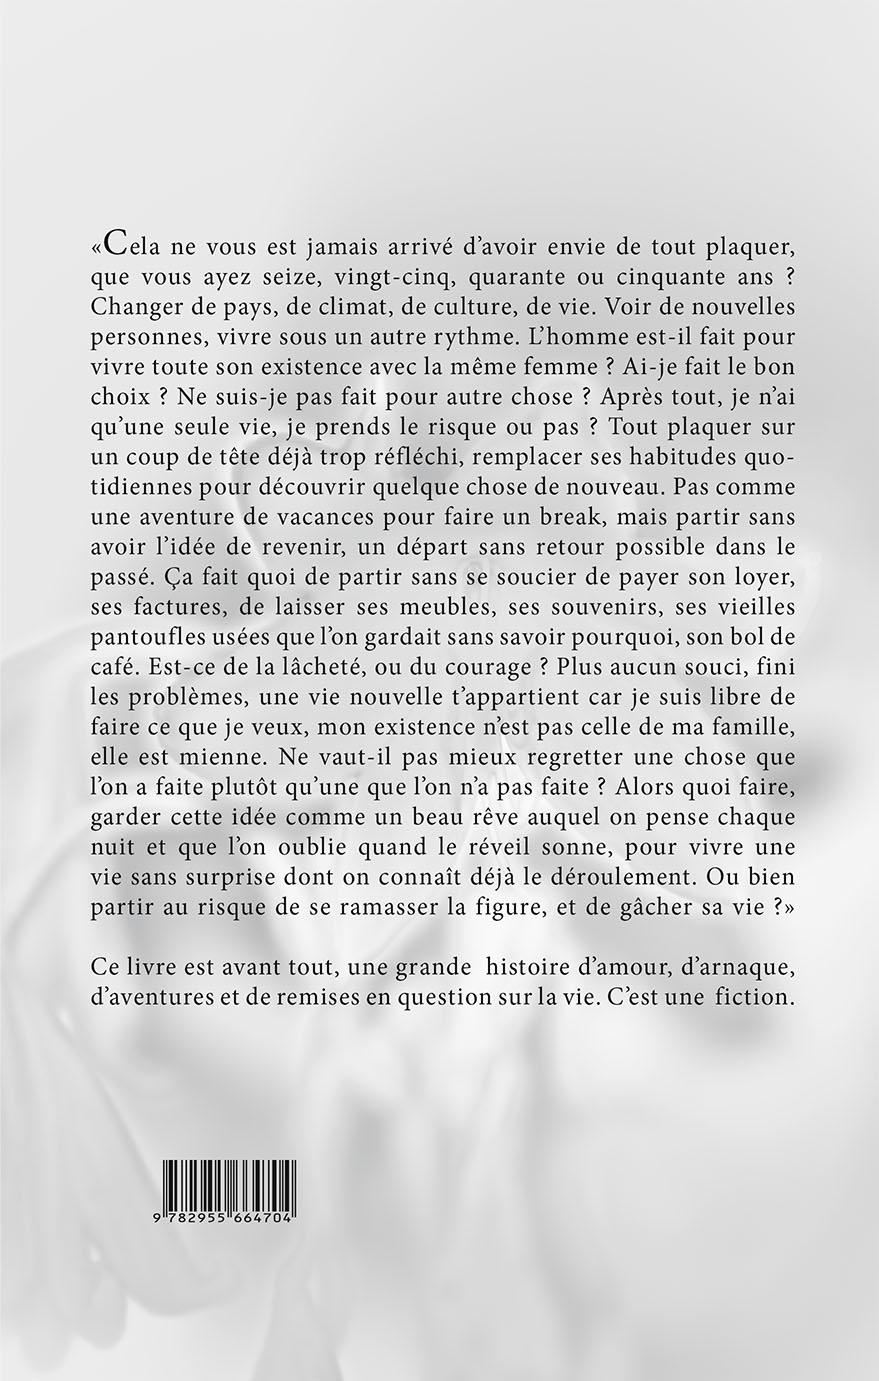 DEMAIN JE PARS de Laurent Leoncini Sans_t13